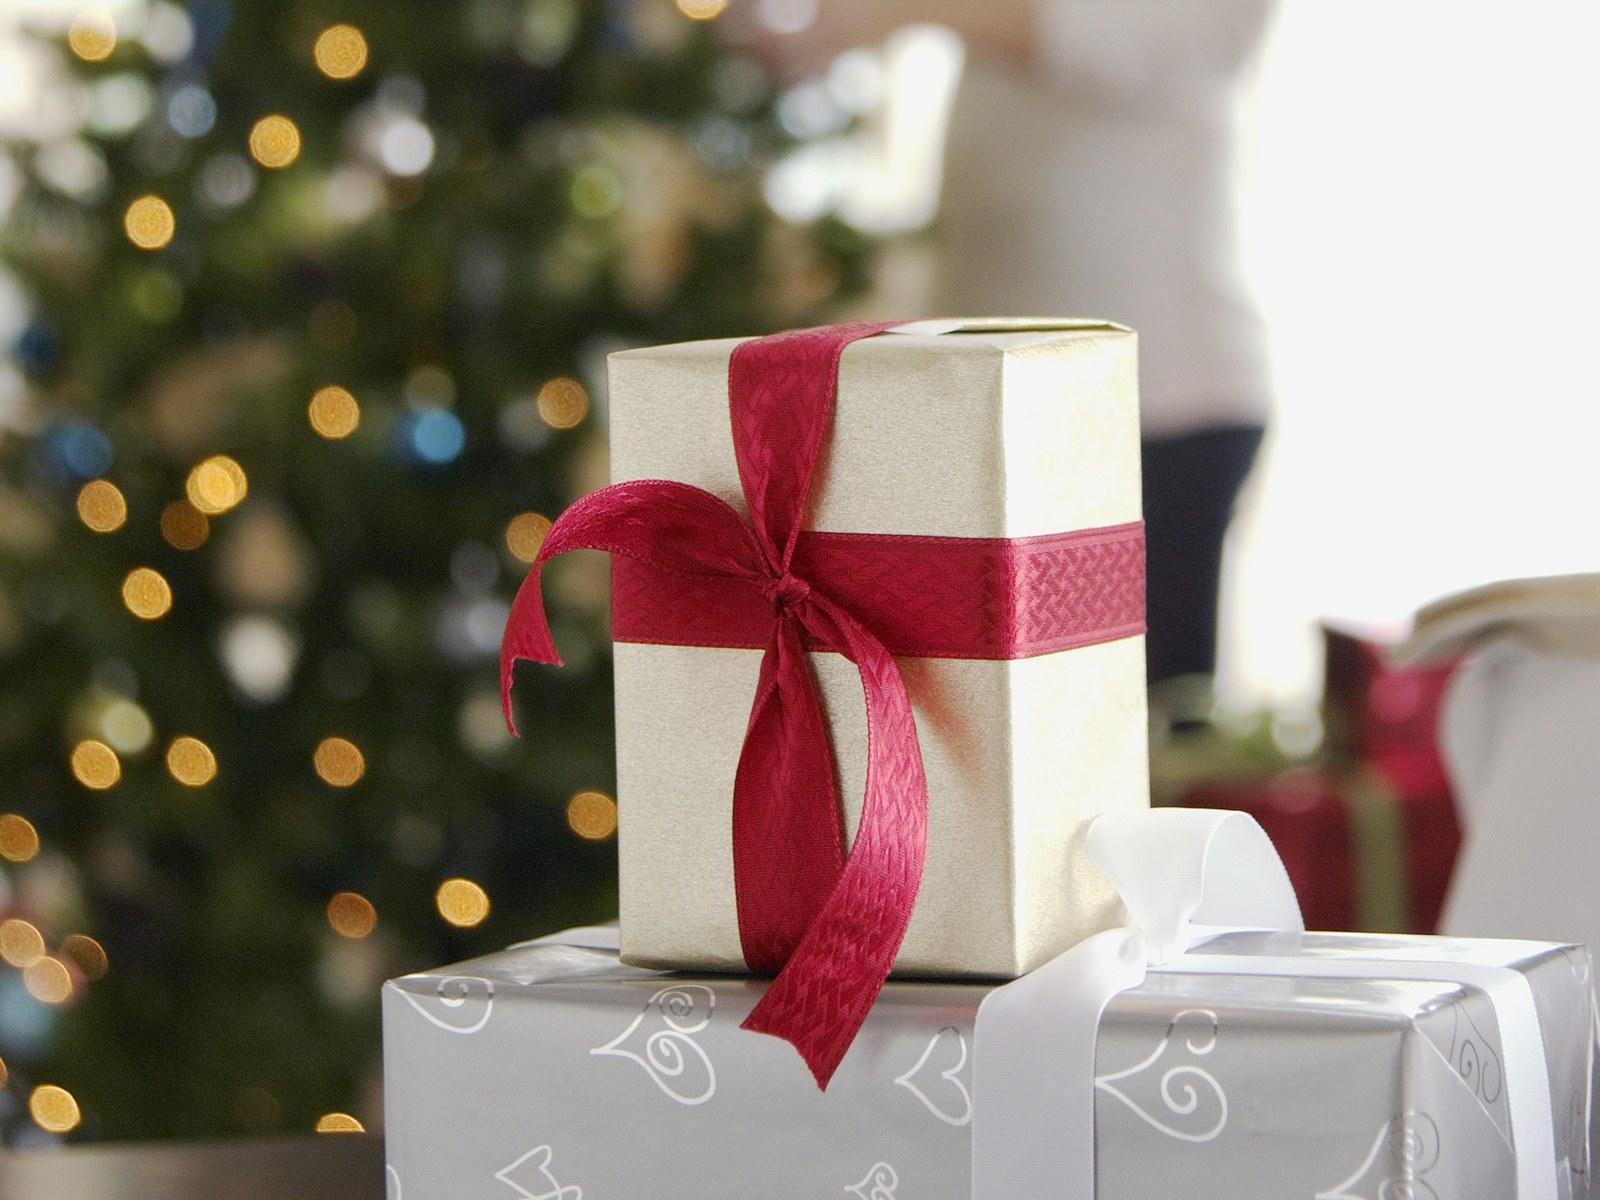 Где купить всем подарки на новый год